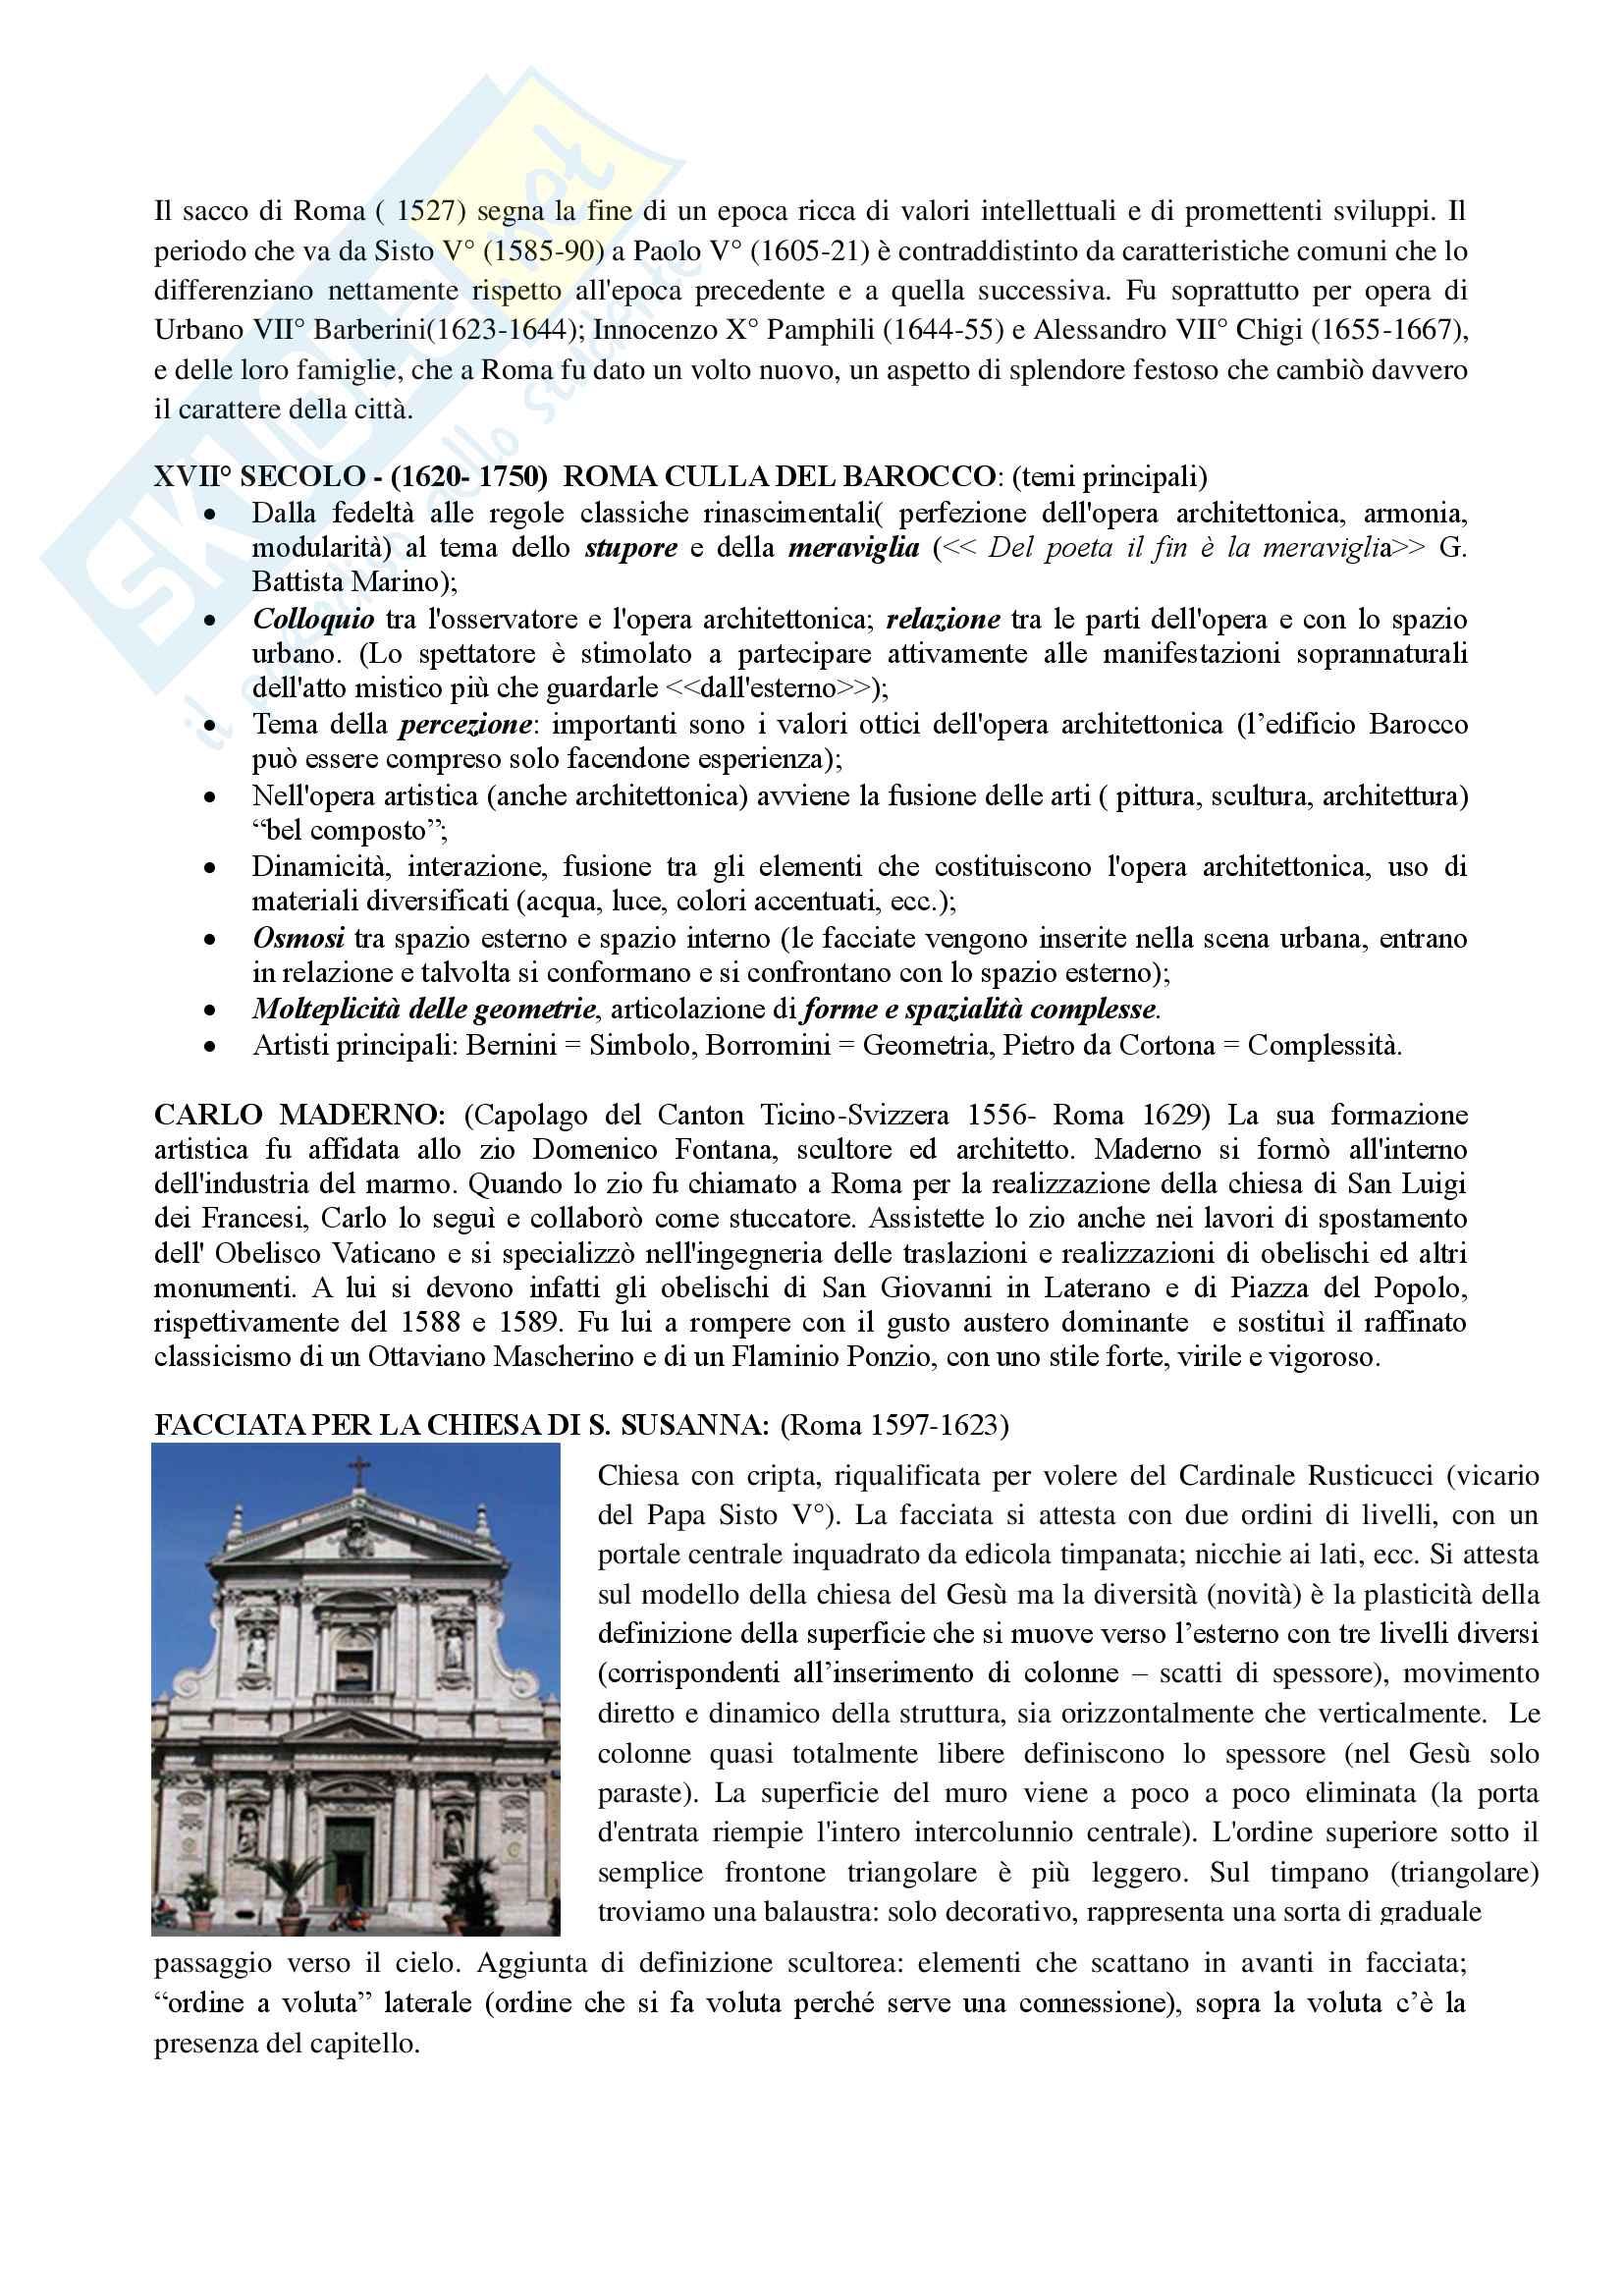 3 Architettura Barocca tra 600 e 700